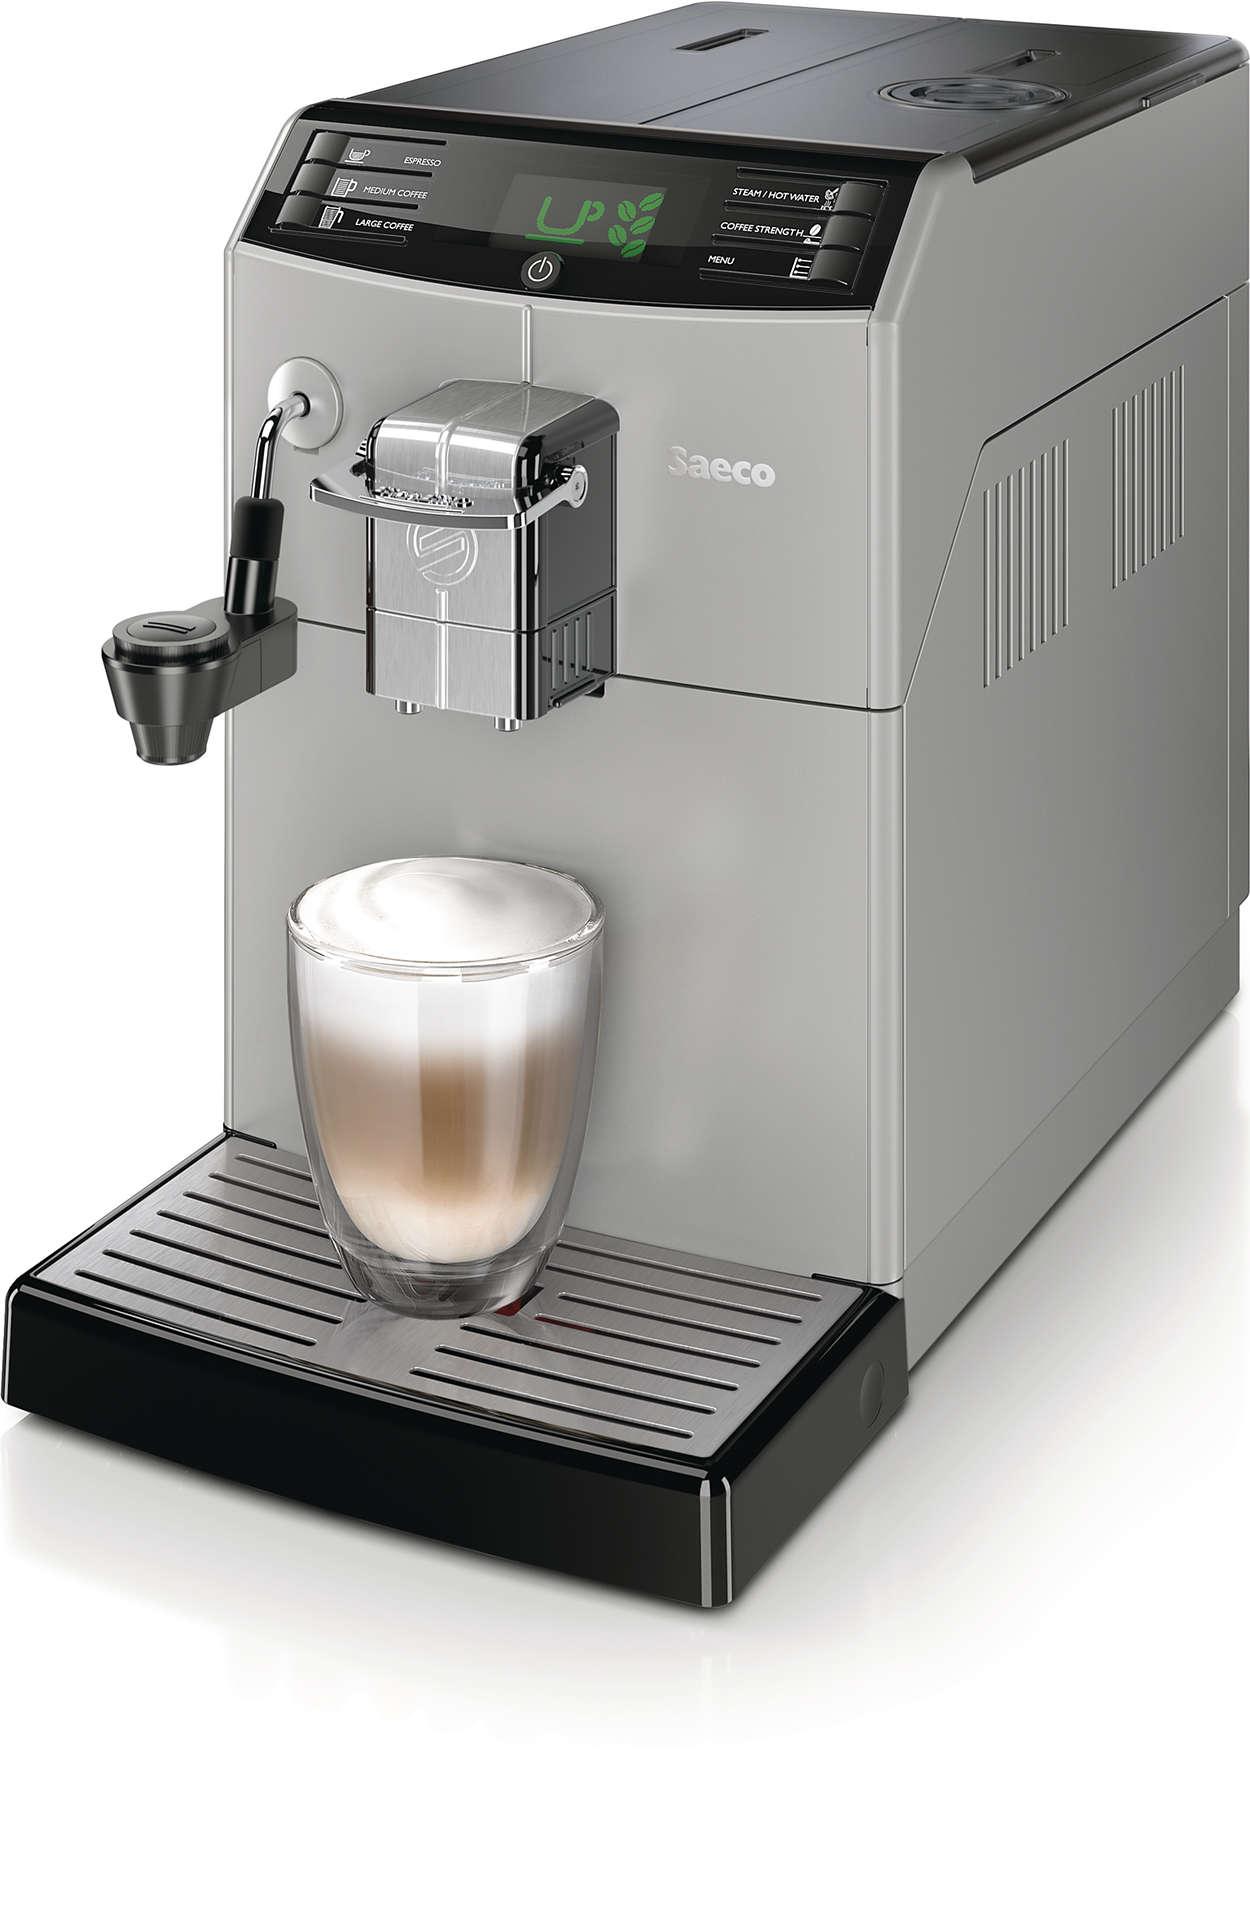 minuto super automatic espresso machine hd8772 47 saeco. Black Bedroom Furniture Sets. Home Design Ideas